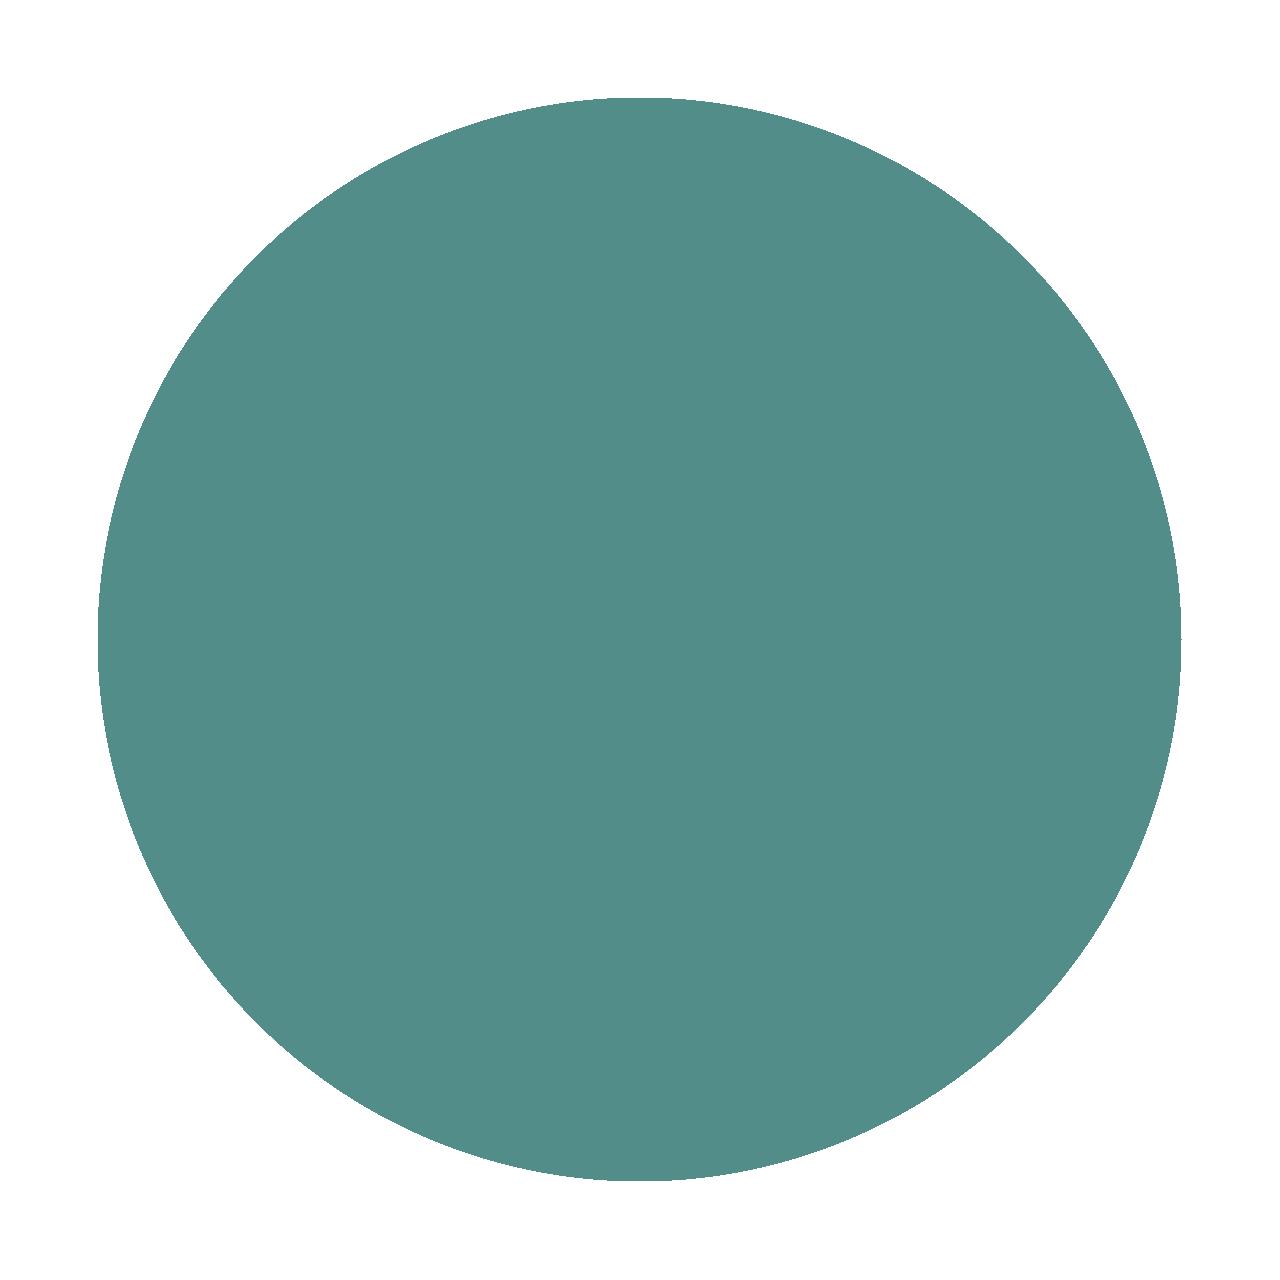 colorful circles — colorful circle - 21081